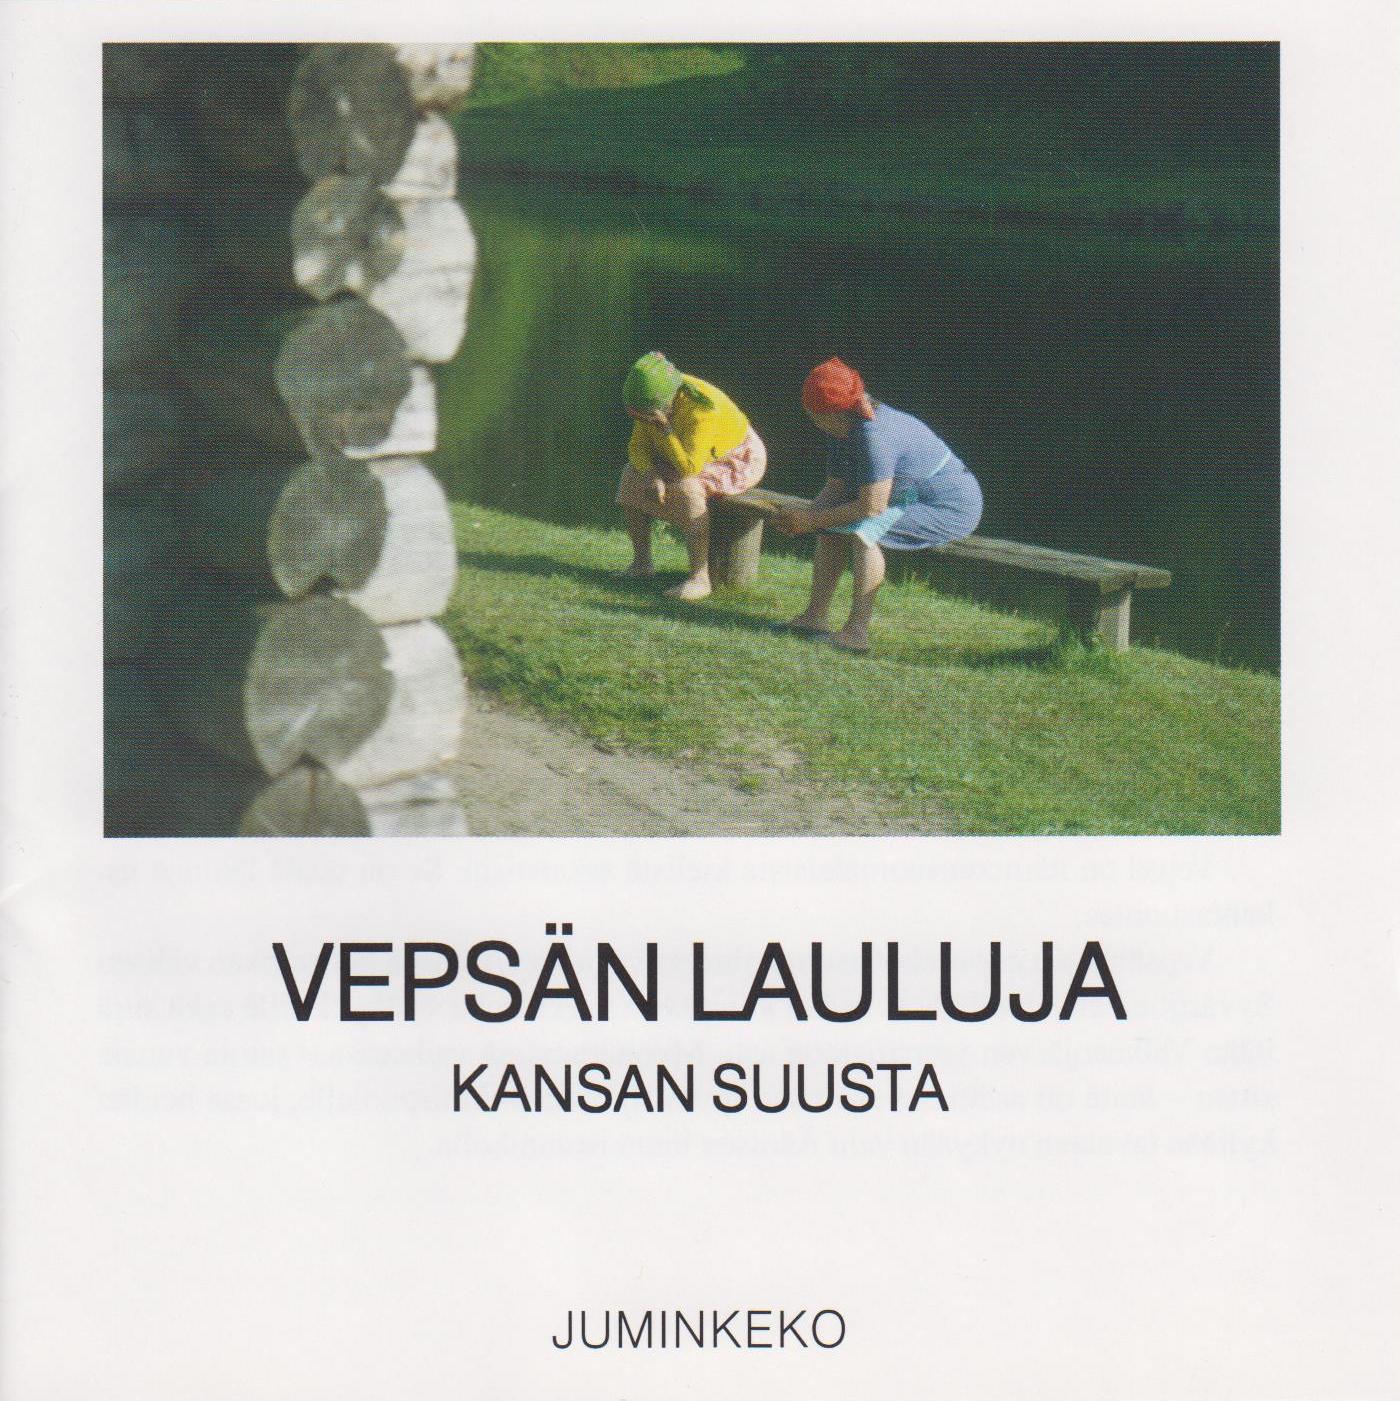 Vepsän lauluja kansan suusta. Kuva cd-levyn kannesta.